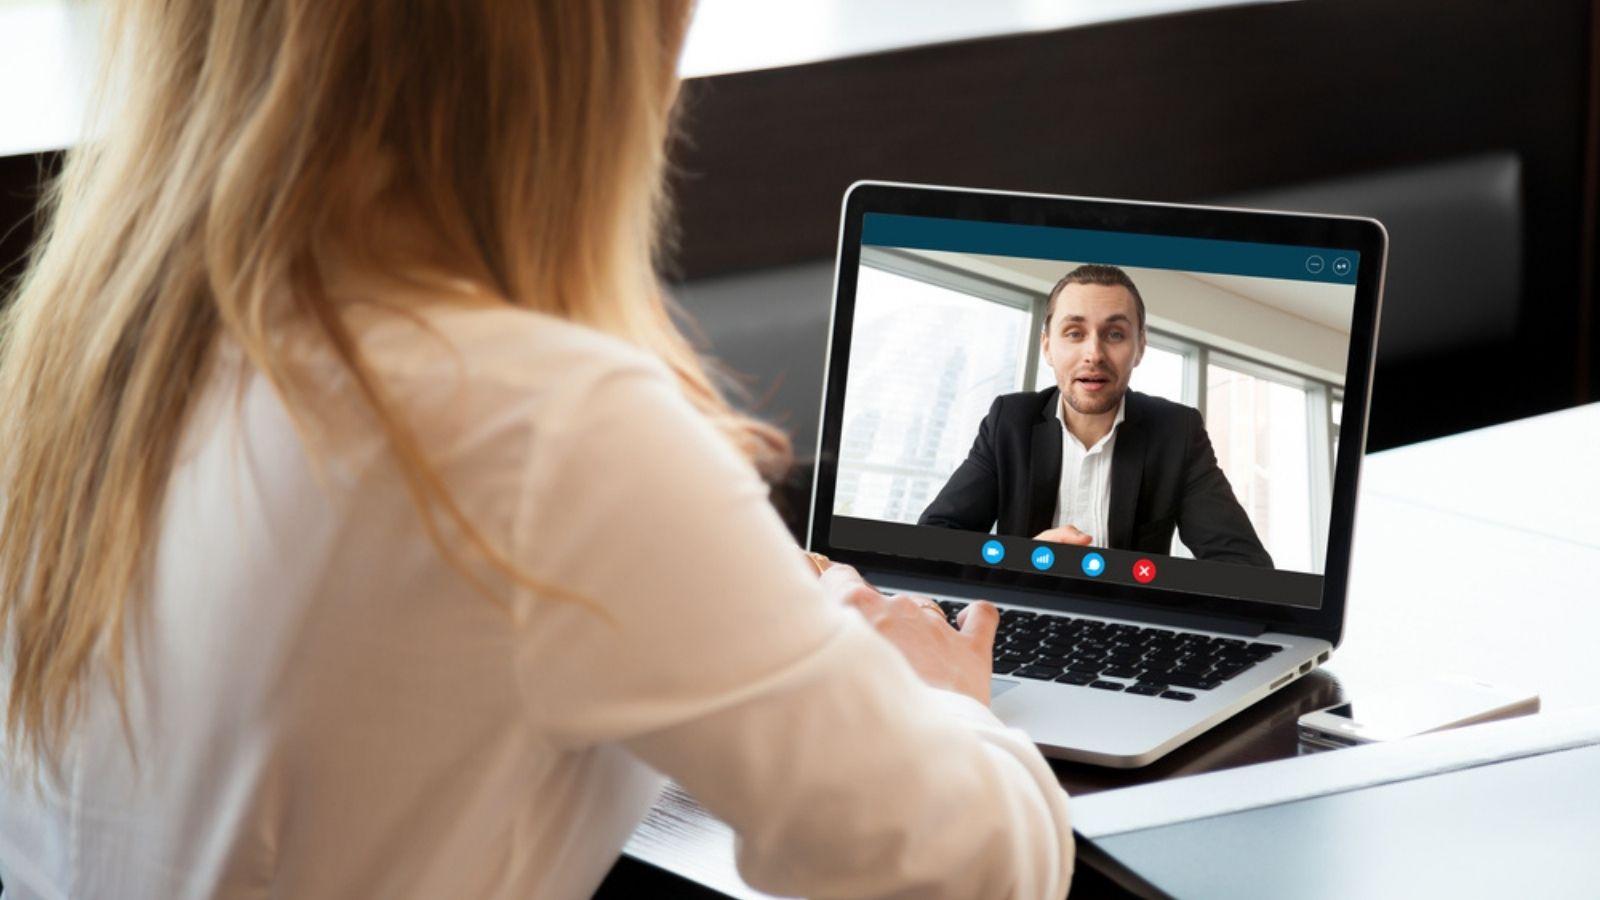 Wirtualna rzeczywistość wkracza do działów HR Kariera mediarun vr